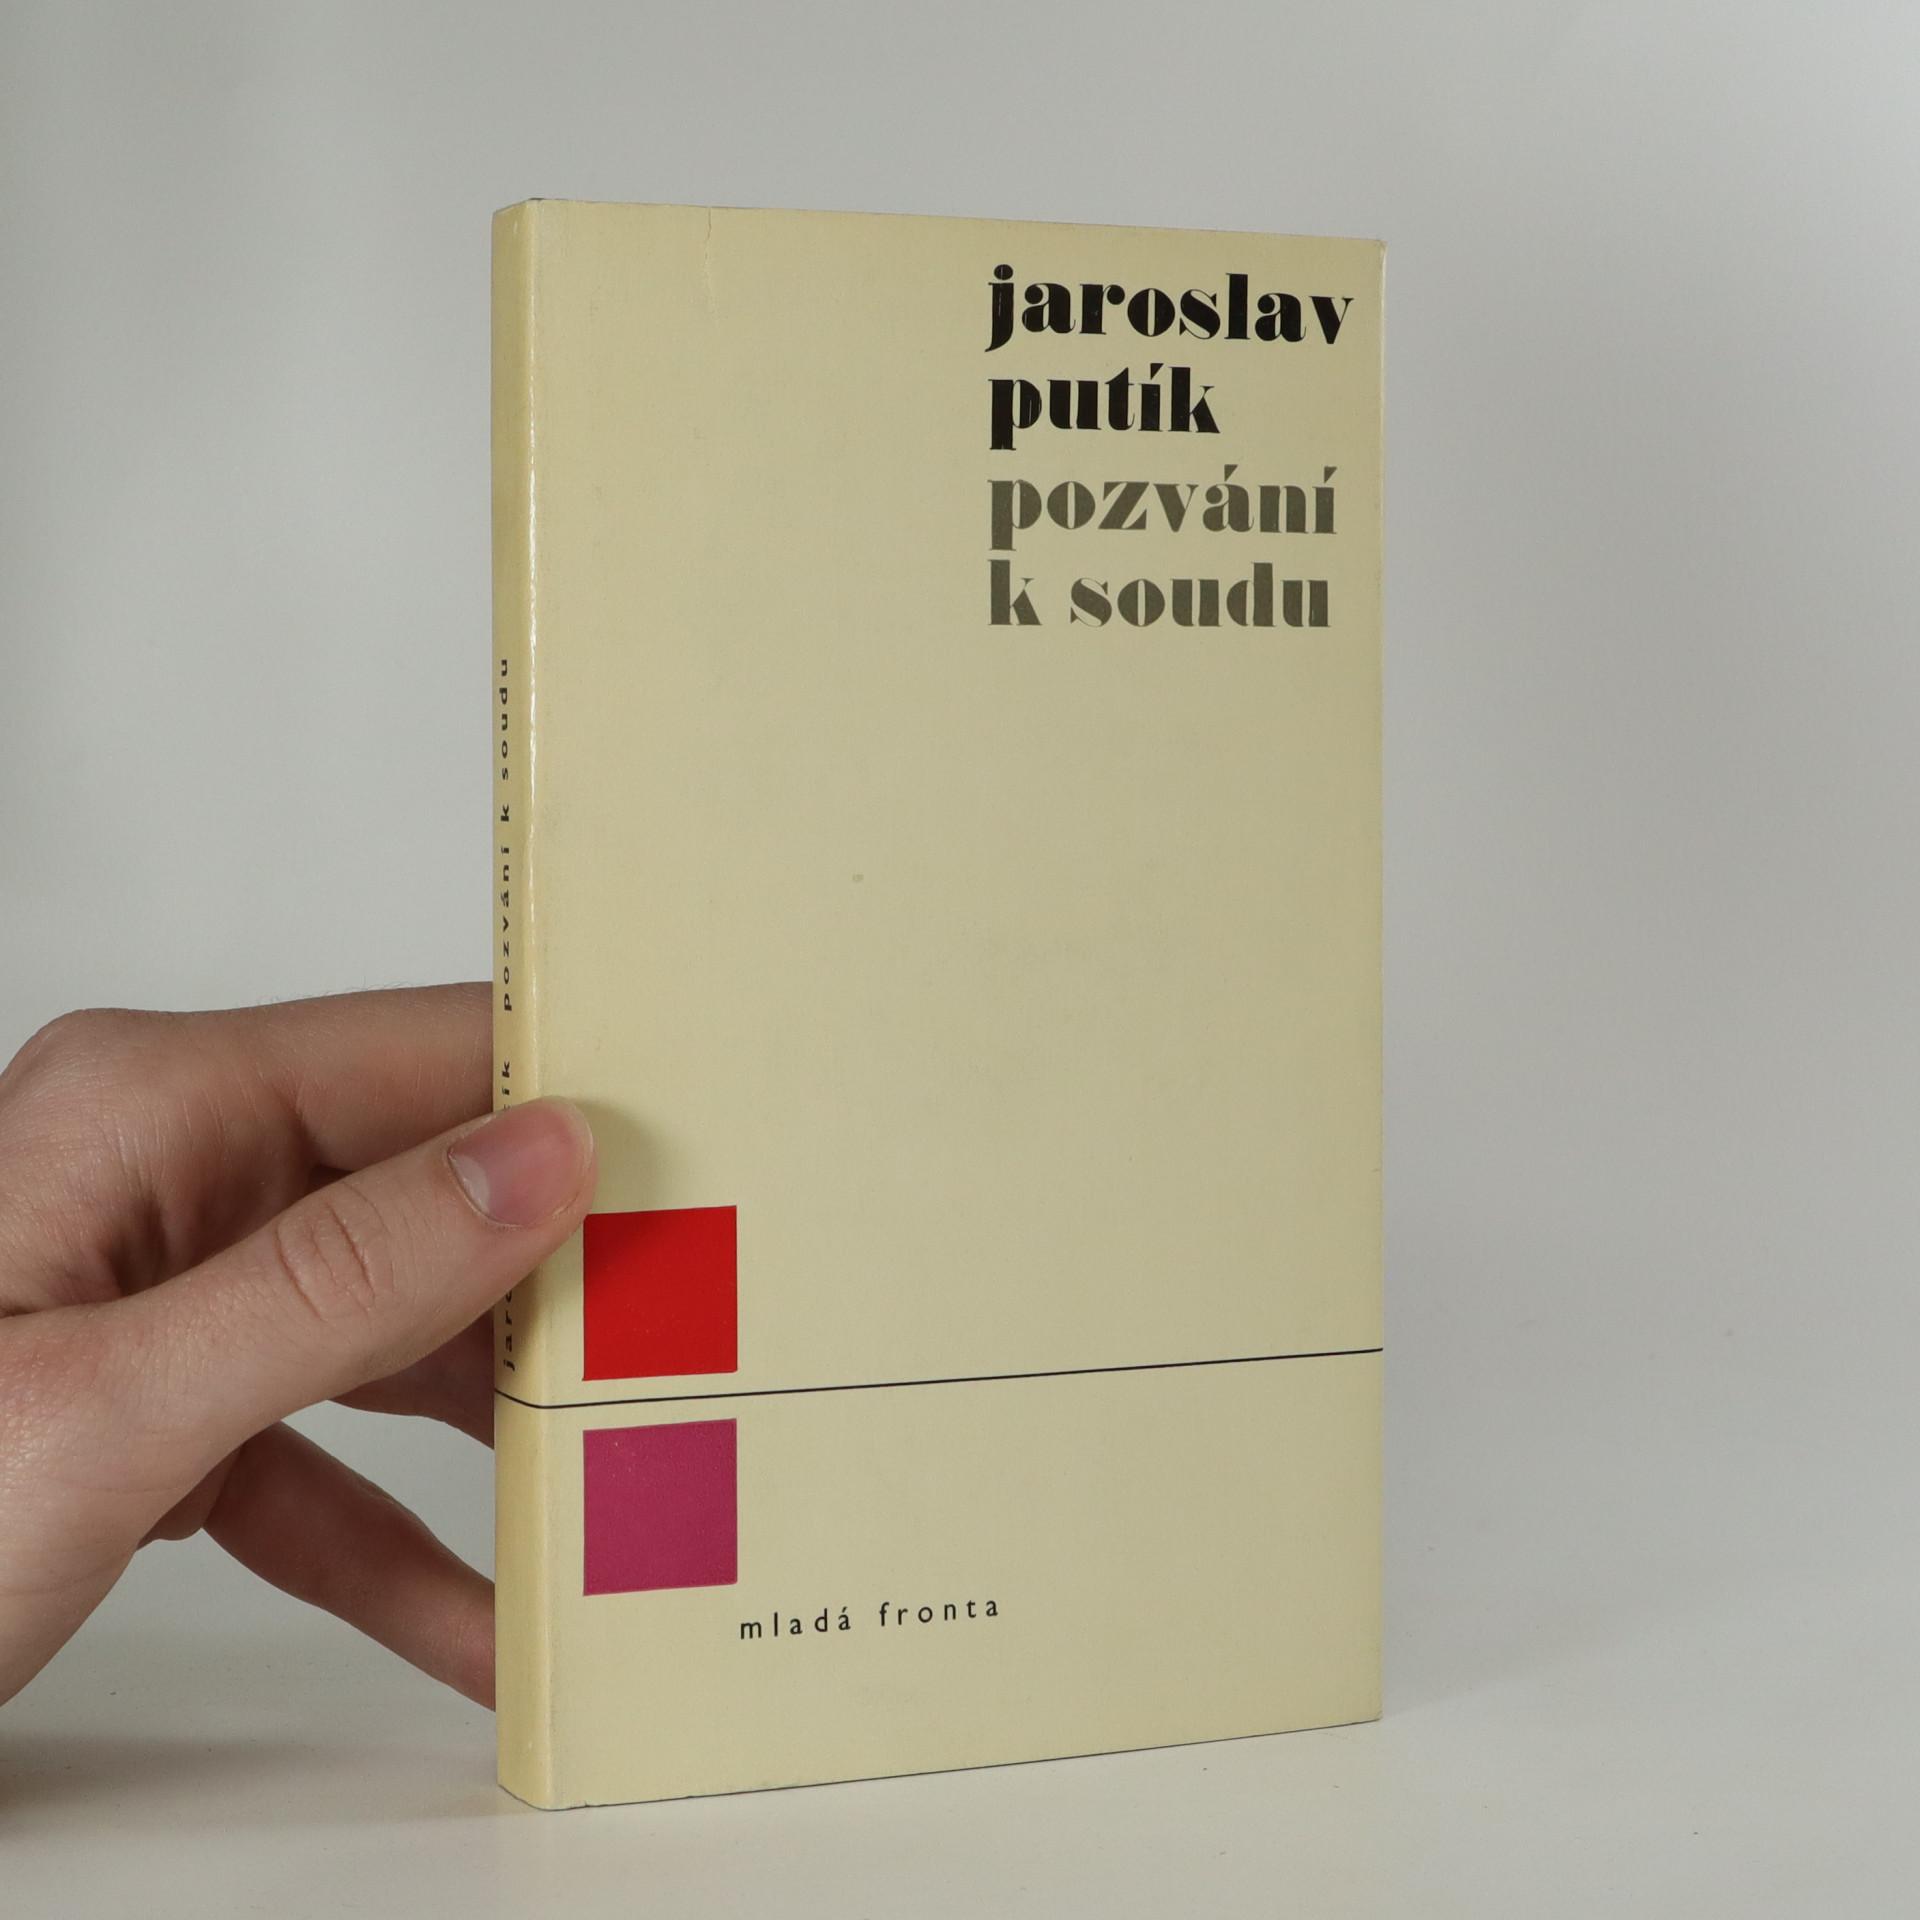 antikvární kniha Pozvání k soudu, 1966